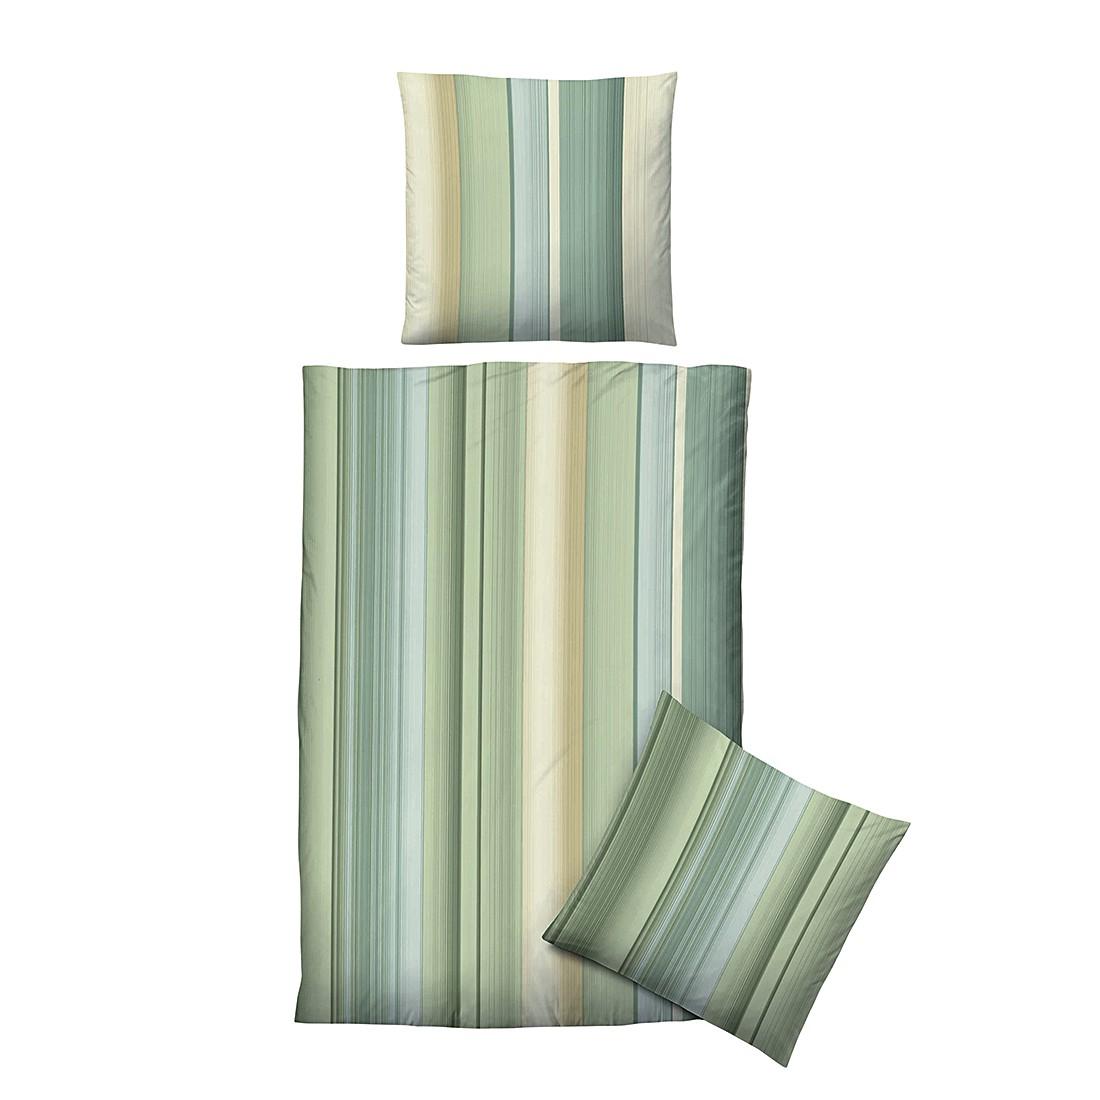 Komfort-Biber-Bettwäsche Susann – Grün – 155 x 200 cm + Kissen 80 x 80 cm, Biberna jetzt bestellen